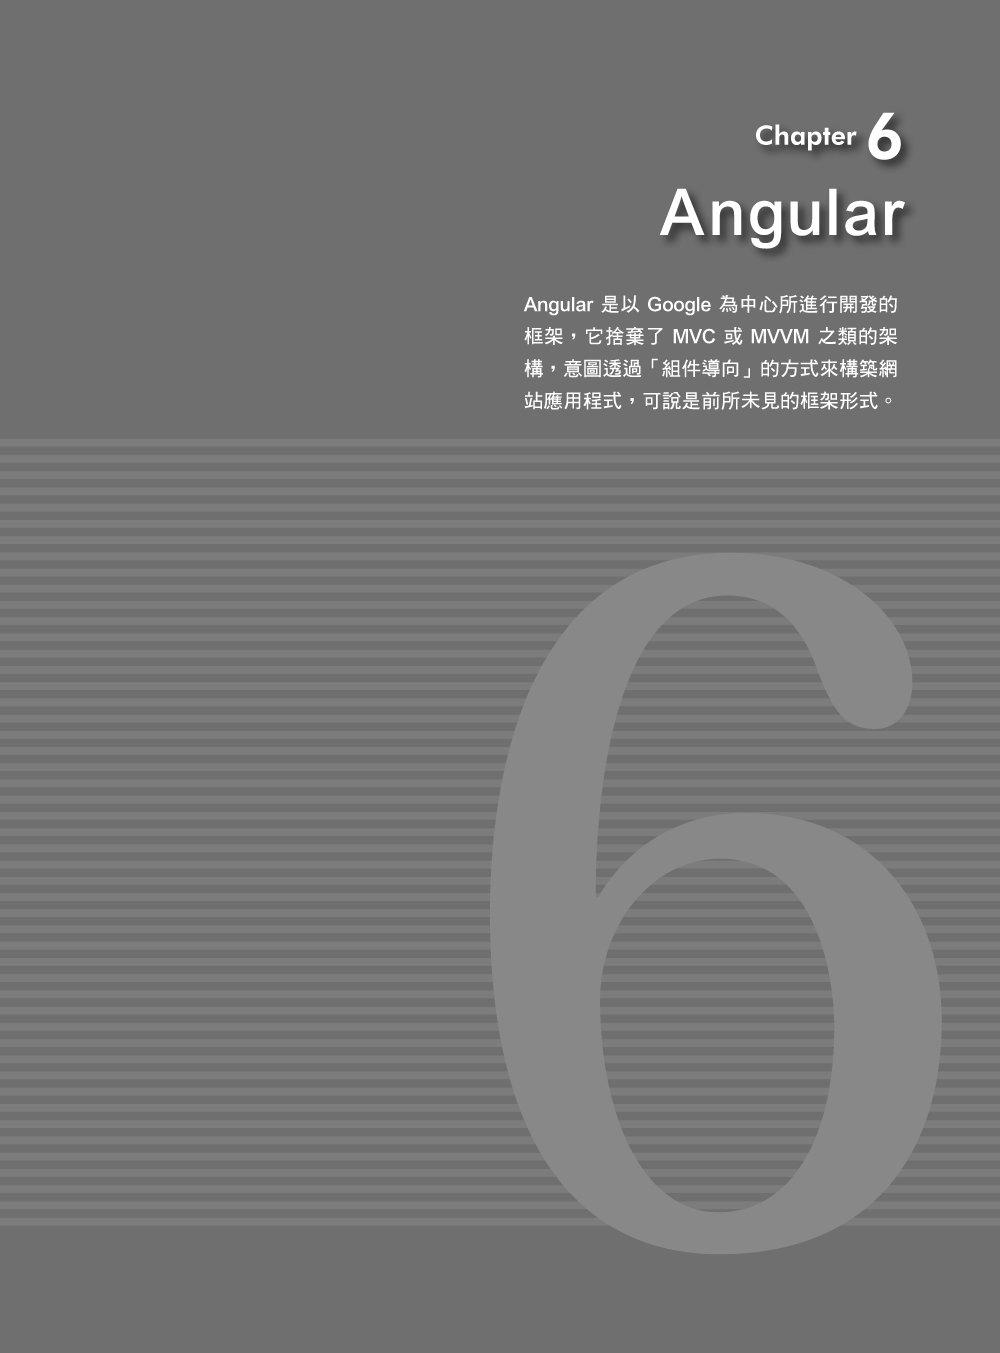 一次搞懂熱門前端框架 - React、Vue.js、Angular、Backbone.js、Aurelia-preview-5